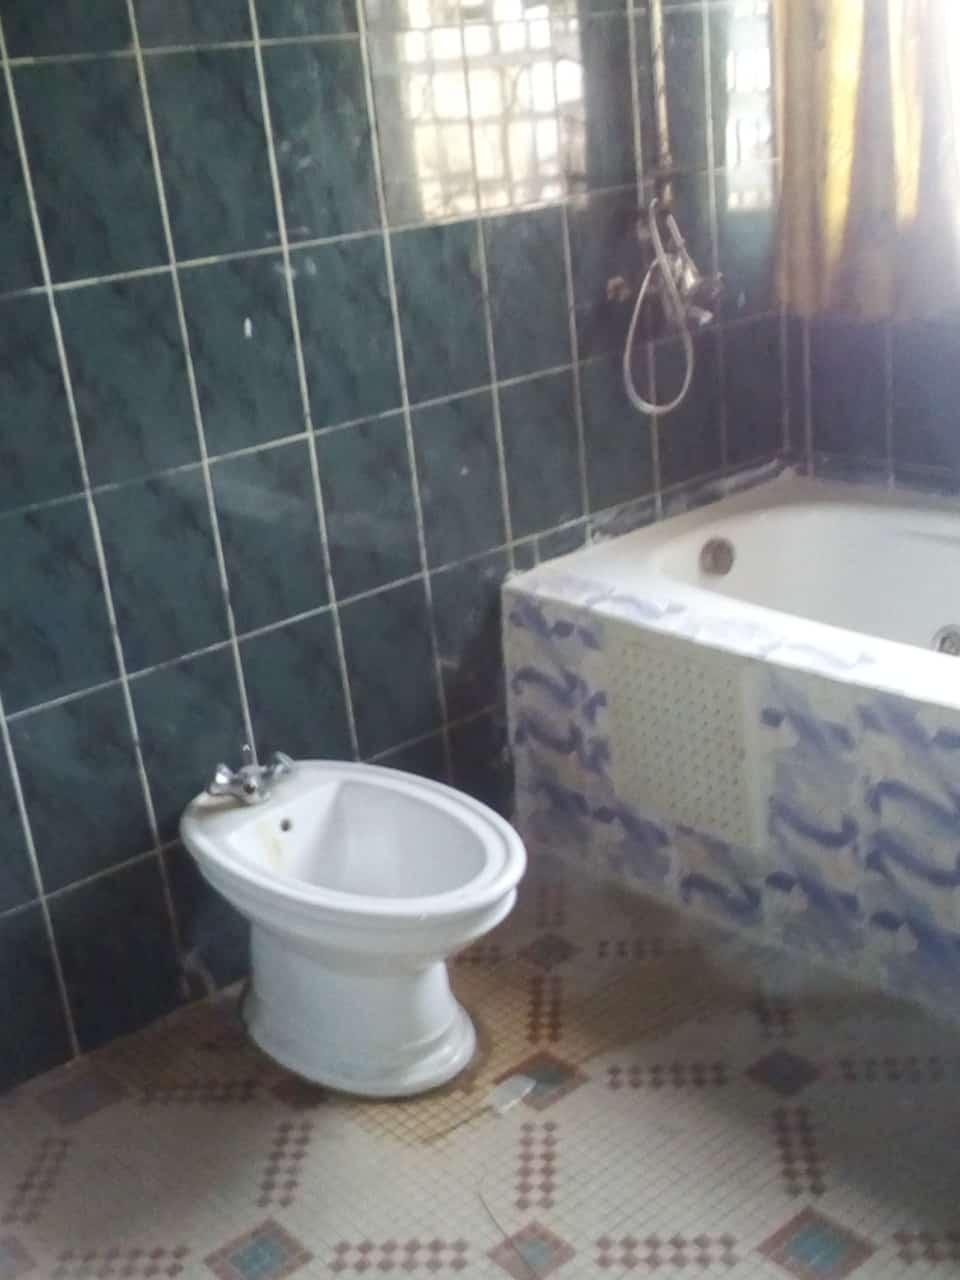 Bureau à louer à Yaoundé, Bastos, pas loin de meka - 1000 m2 - 1 000 000 FCFA